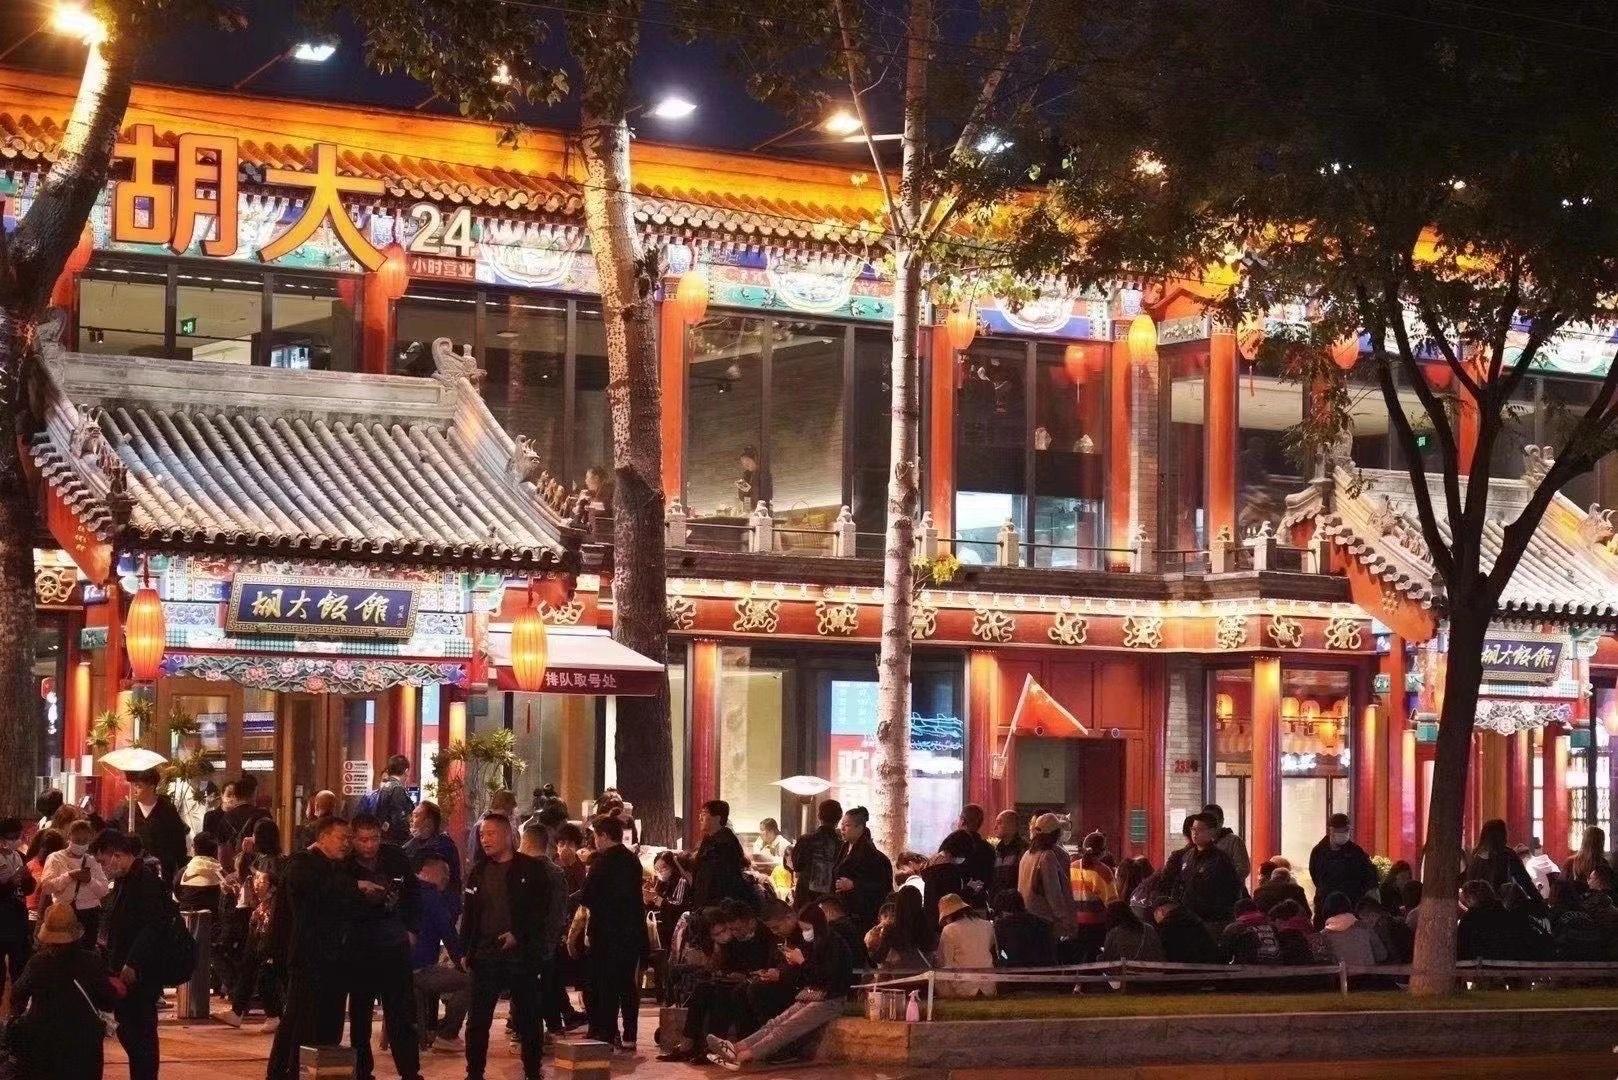 北京老字号、网红餐馆假期客流火爆,烤鸭、小龙虾热卖图片